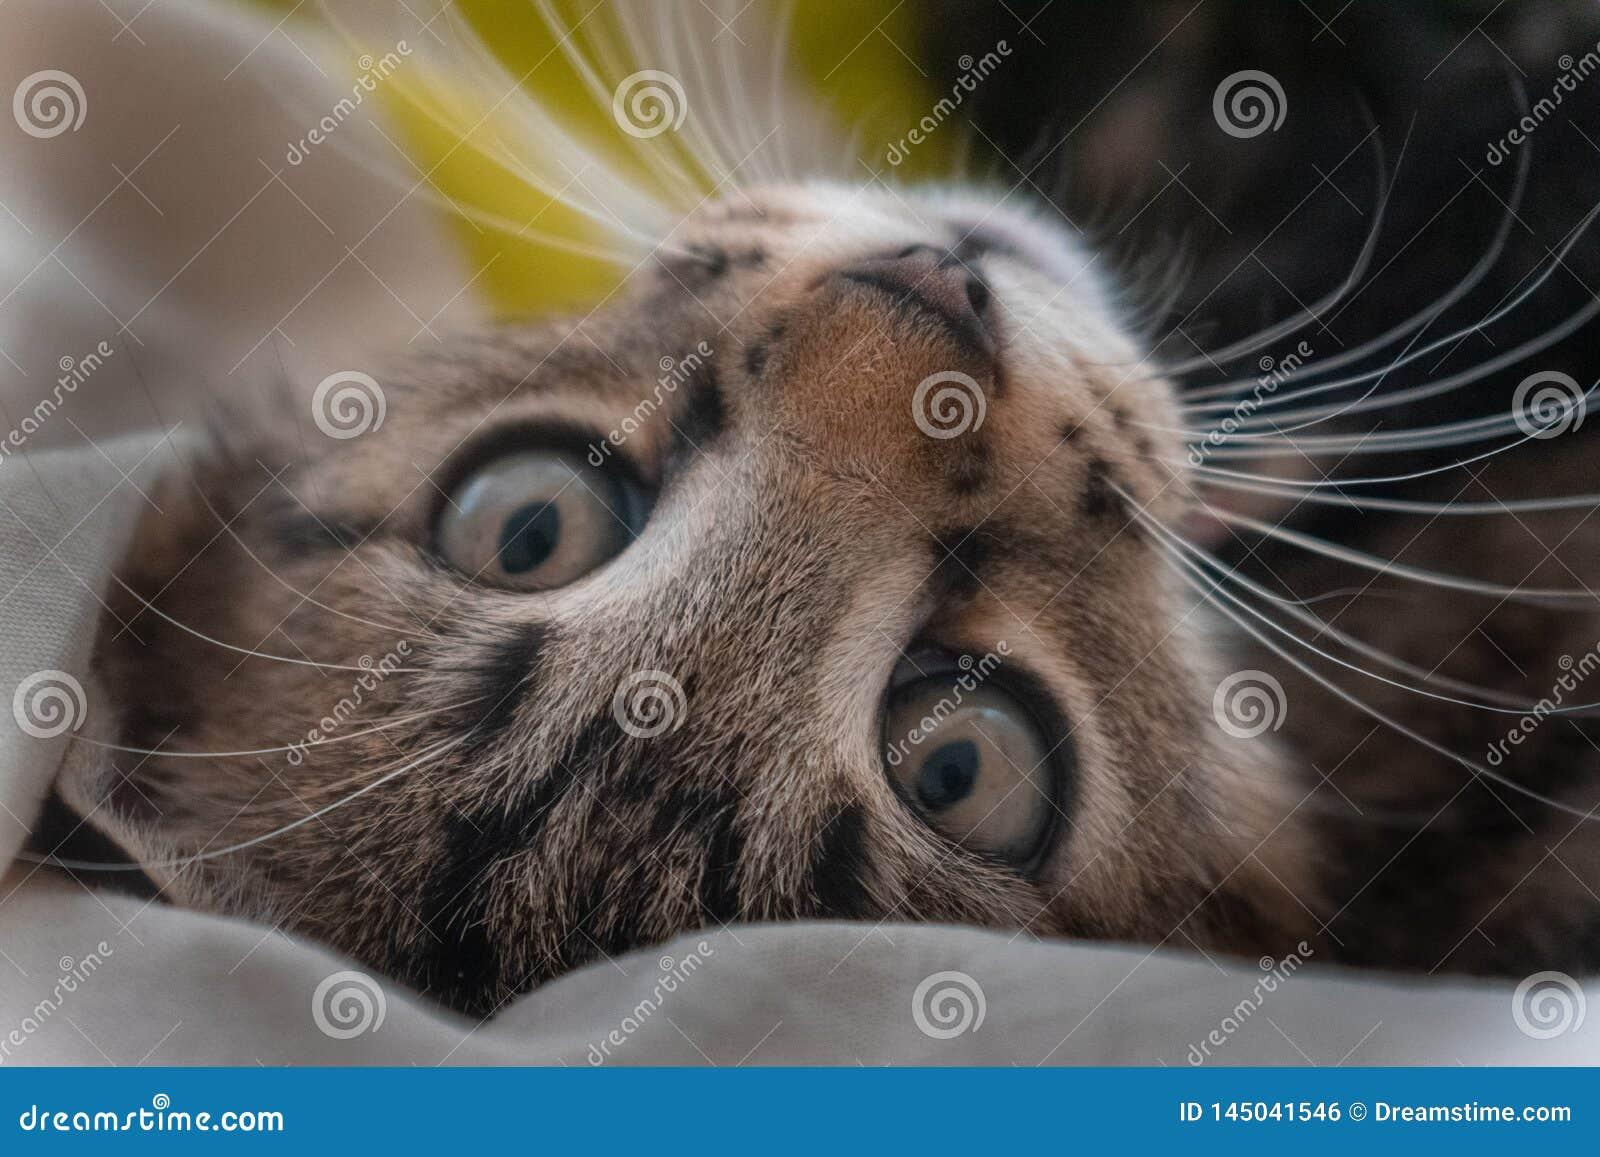 Un peque?o gatito est? mirando fijamente la c?mara con miradas dulces